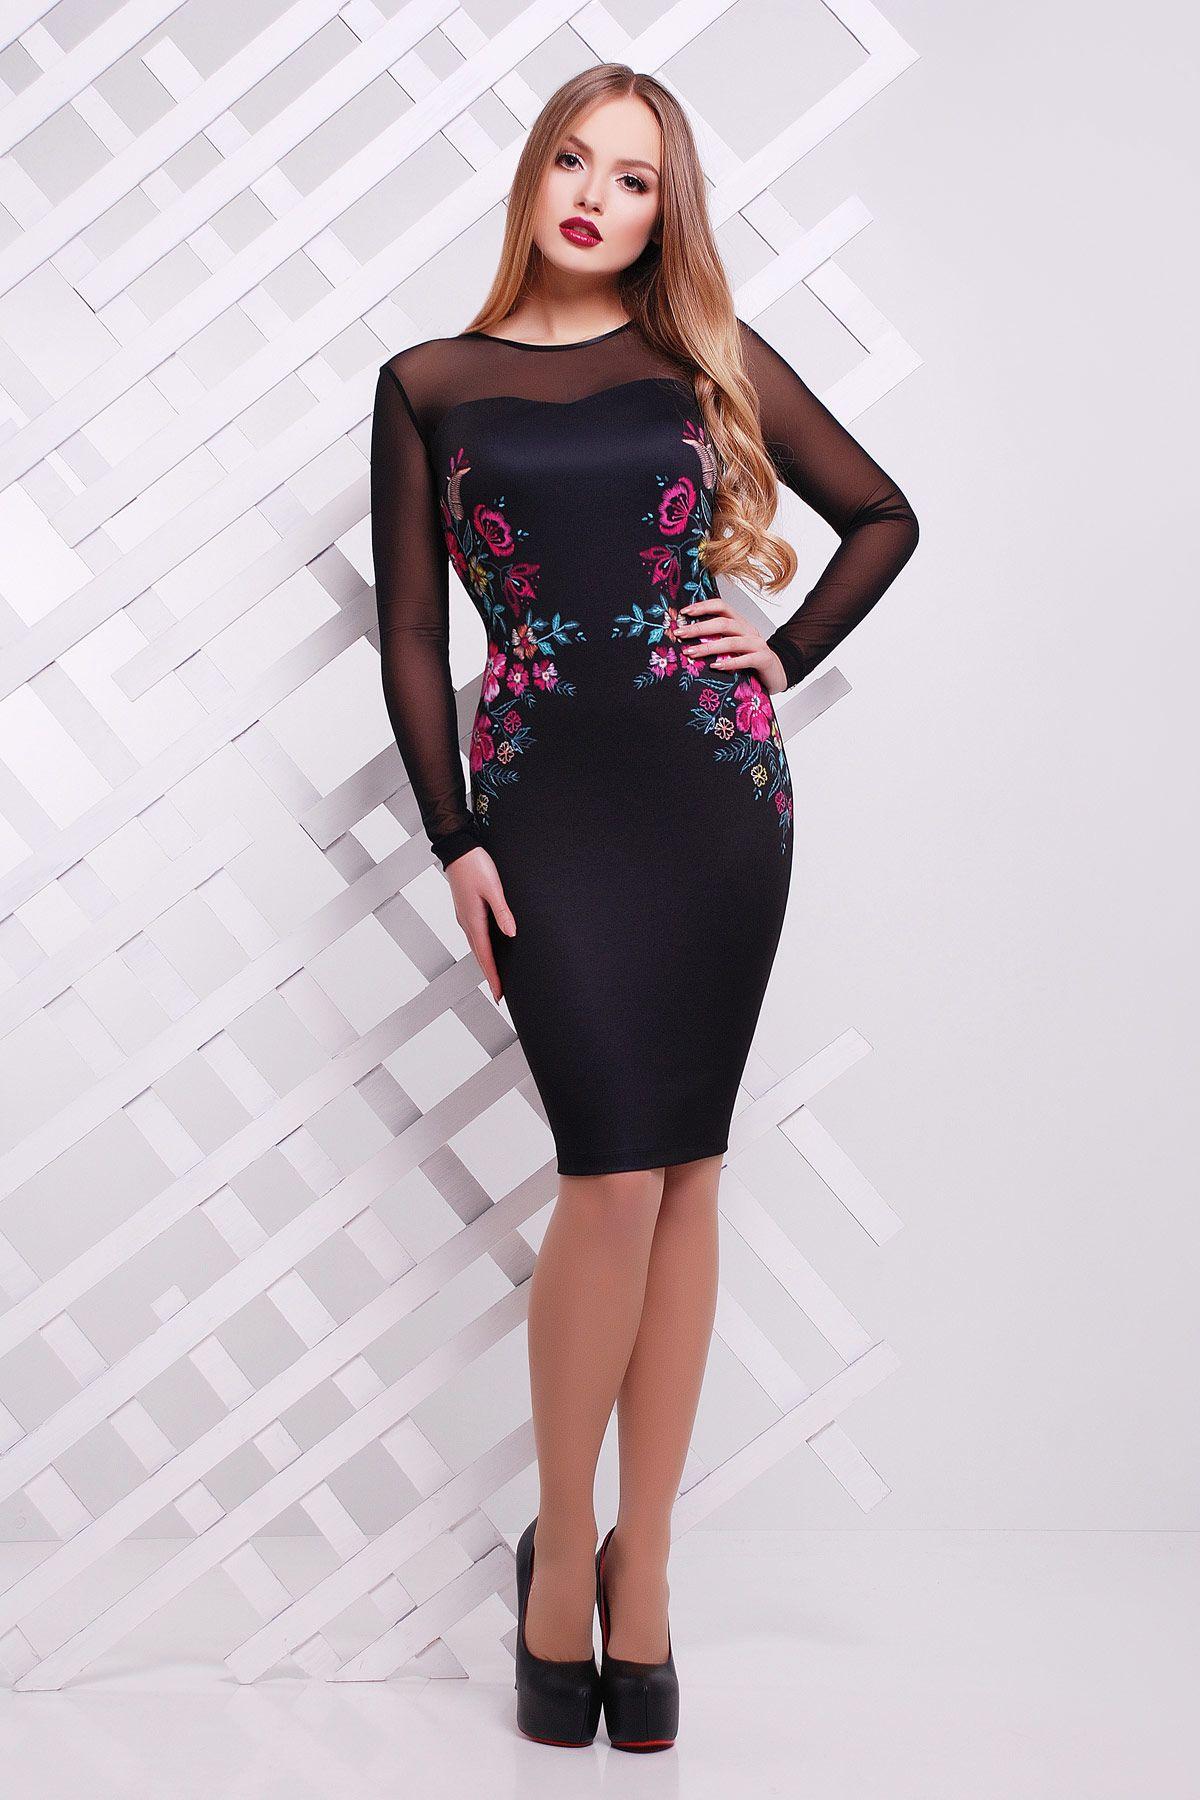 f36f189b92d Черное платье с рукавами из сетки не весну-лето. Вышивка платье Донна2 д р.  Цвет  черный